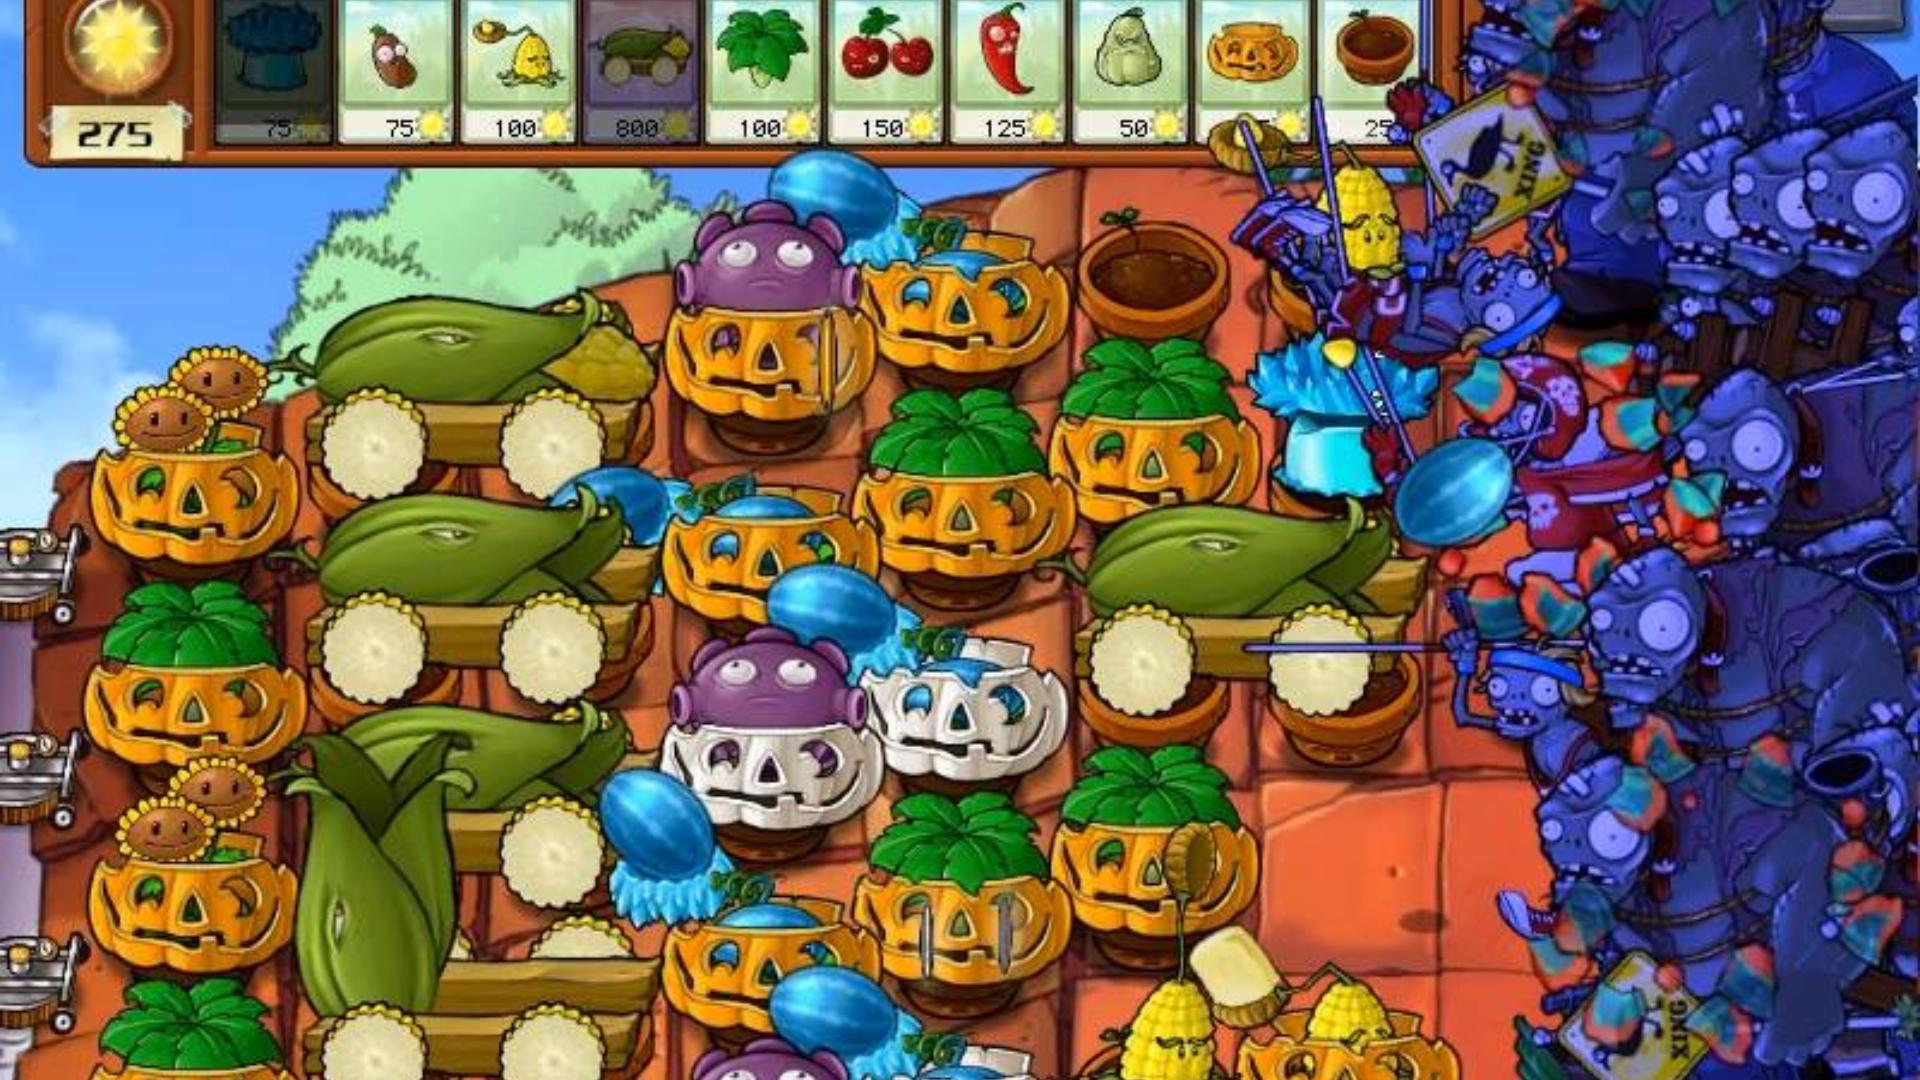 植物大战僵尸:看到敌人这样的阵势,我只想努力死的好看点